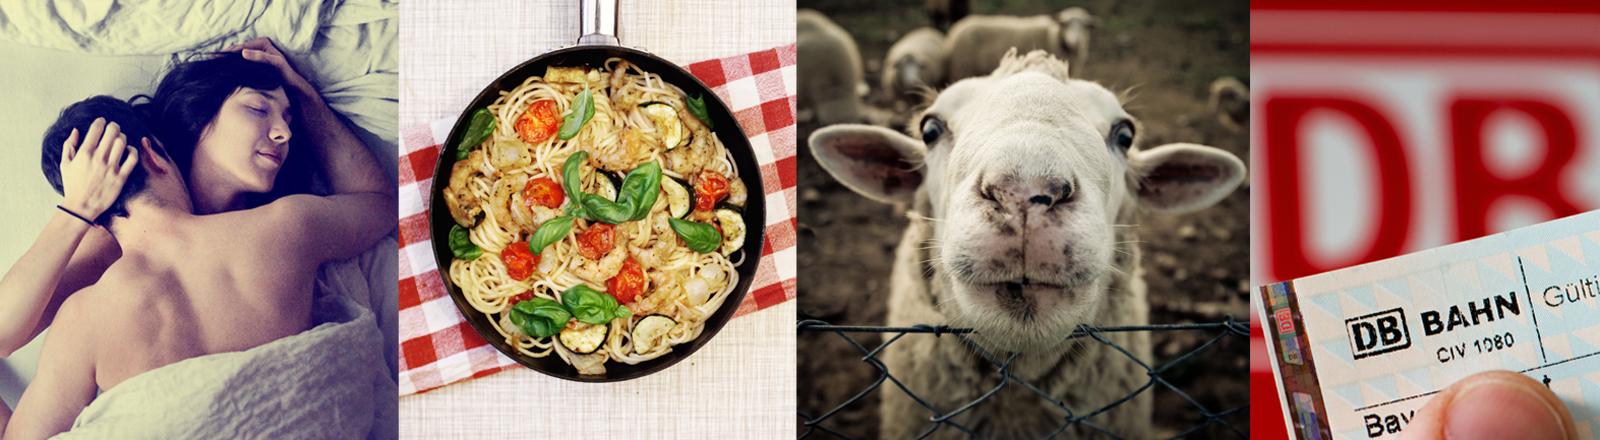 Die Bildkombination zeigt Sex, Essen, ein Schaf und einen Fahrschein der Deutschen Bahn.